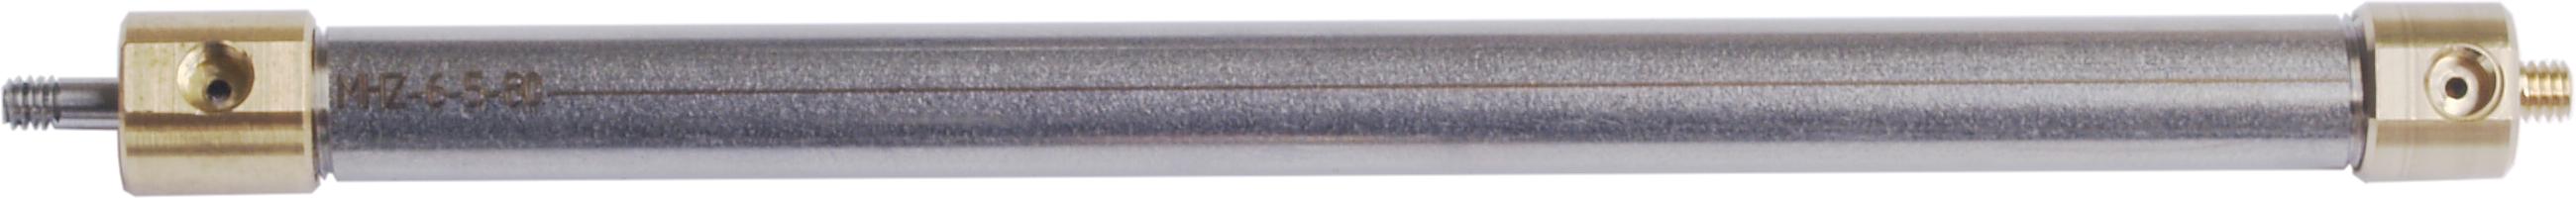 Hydraulic Cylinder Stroke 80mm